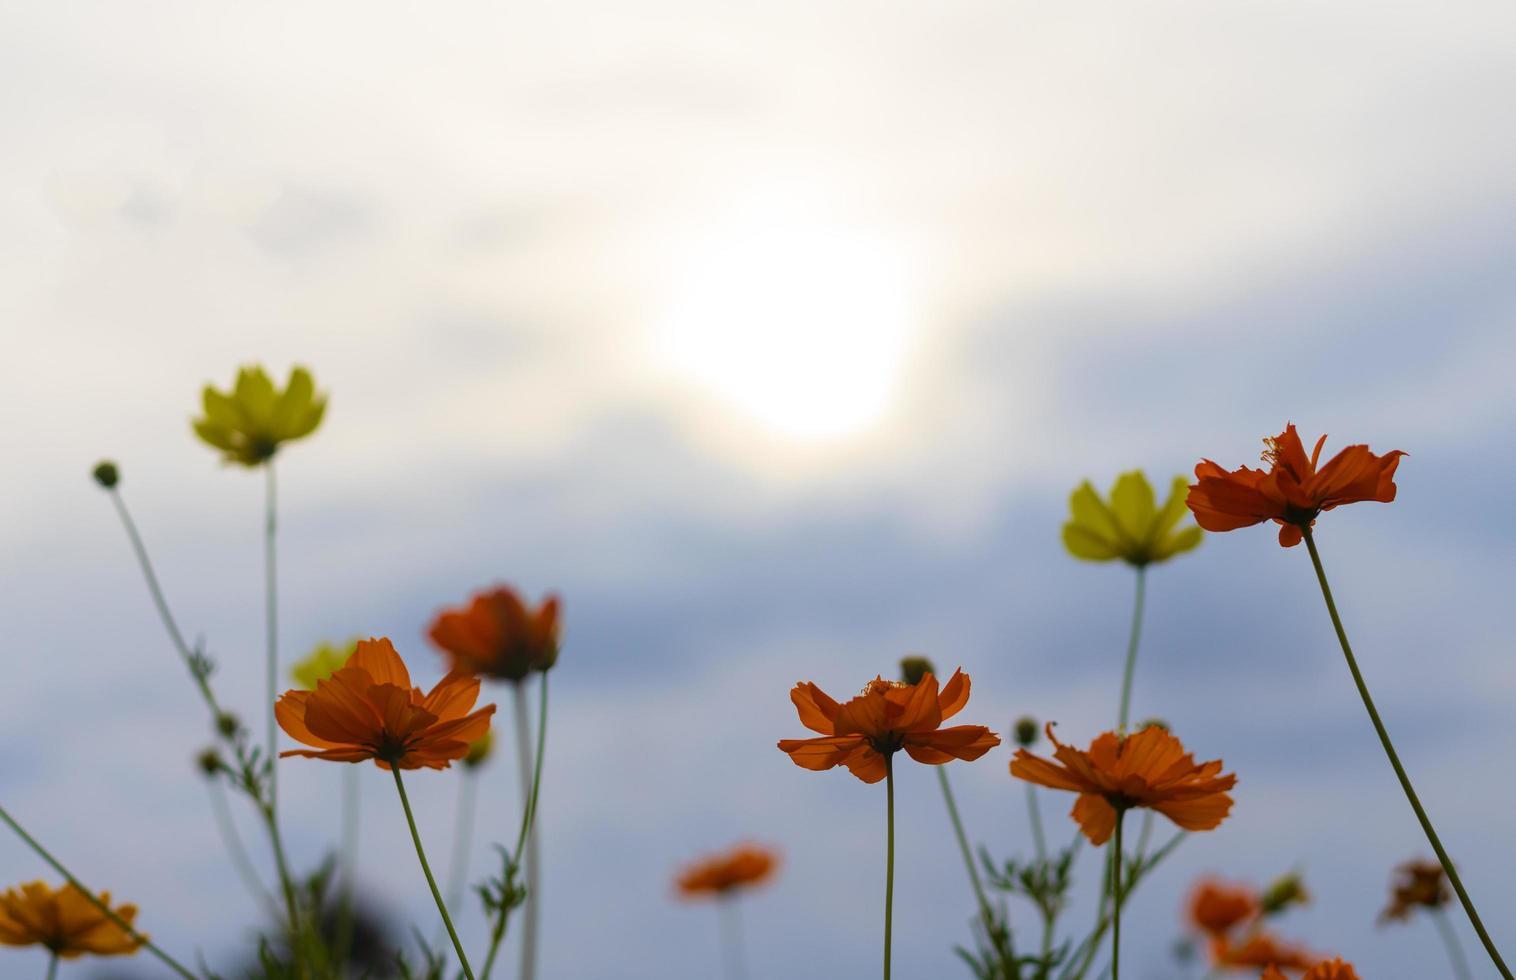 vackra blommor från myra sikt. foto